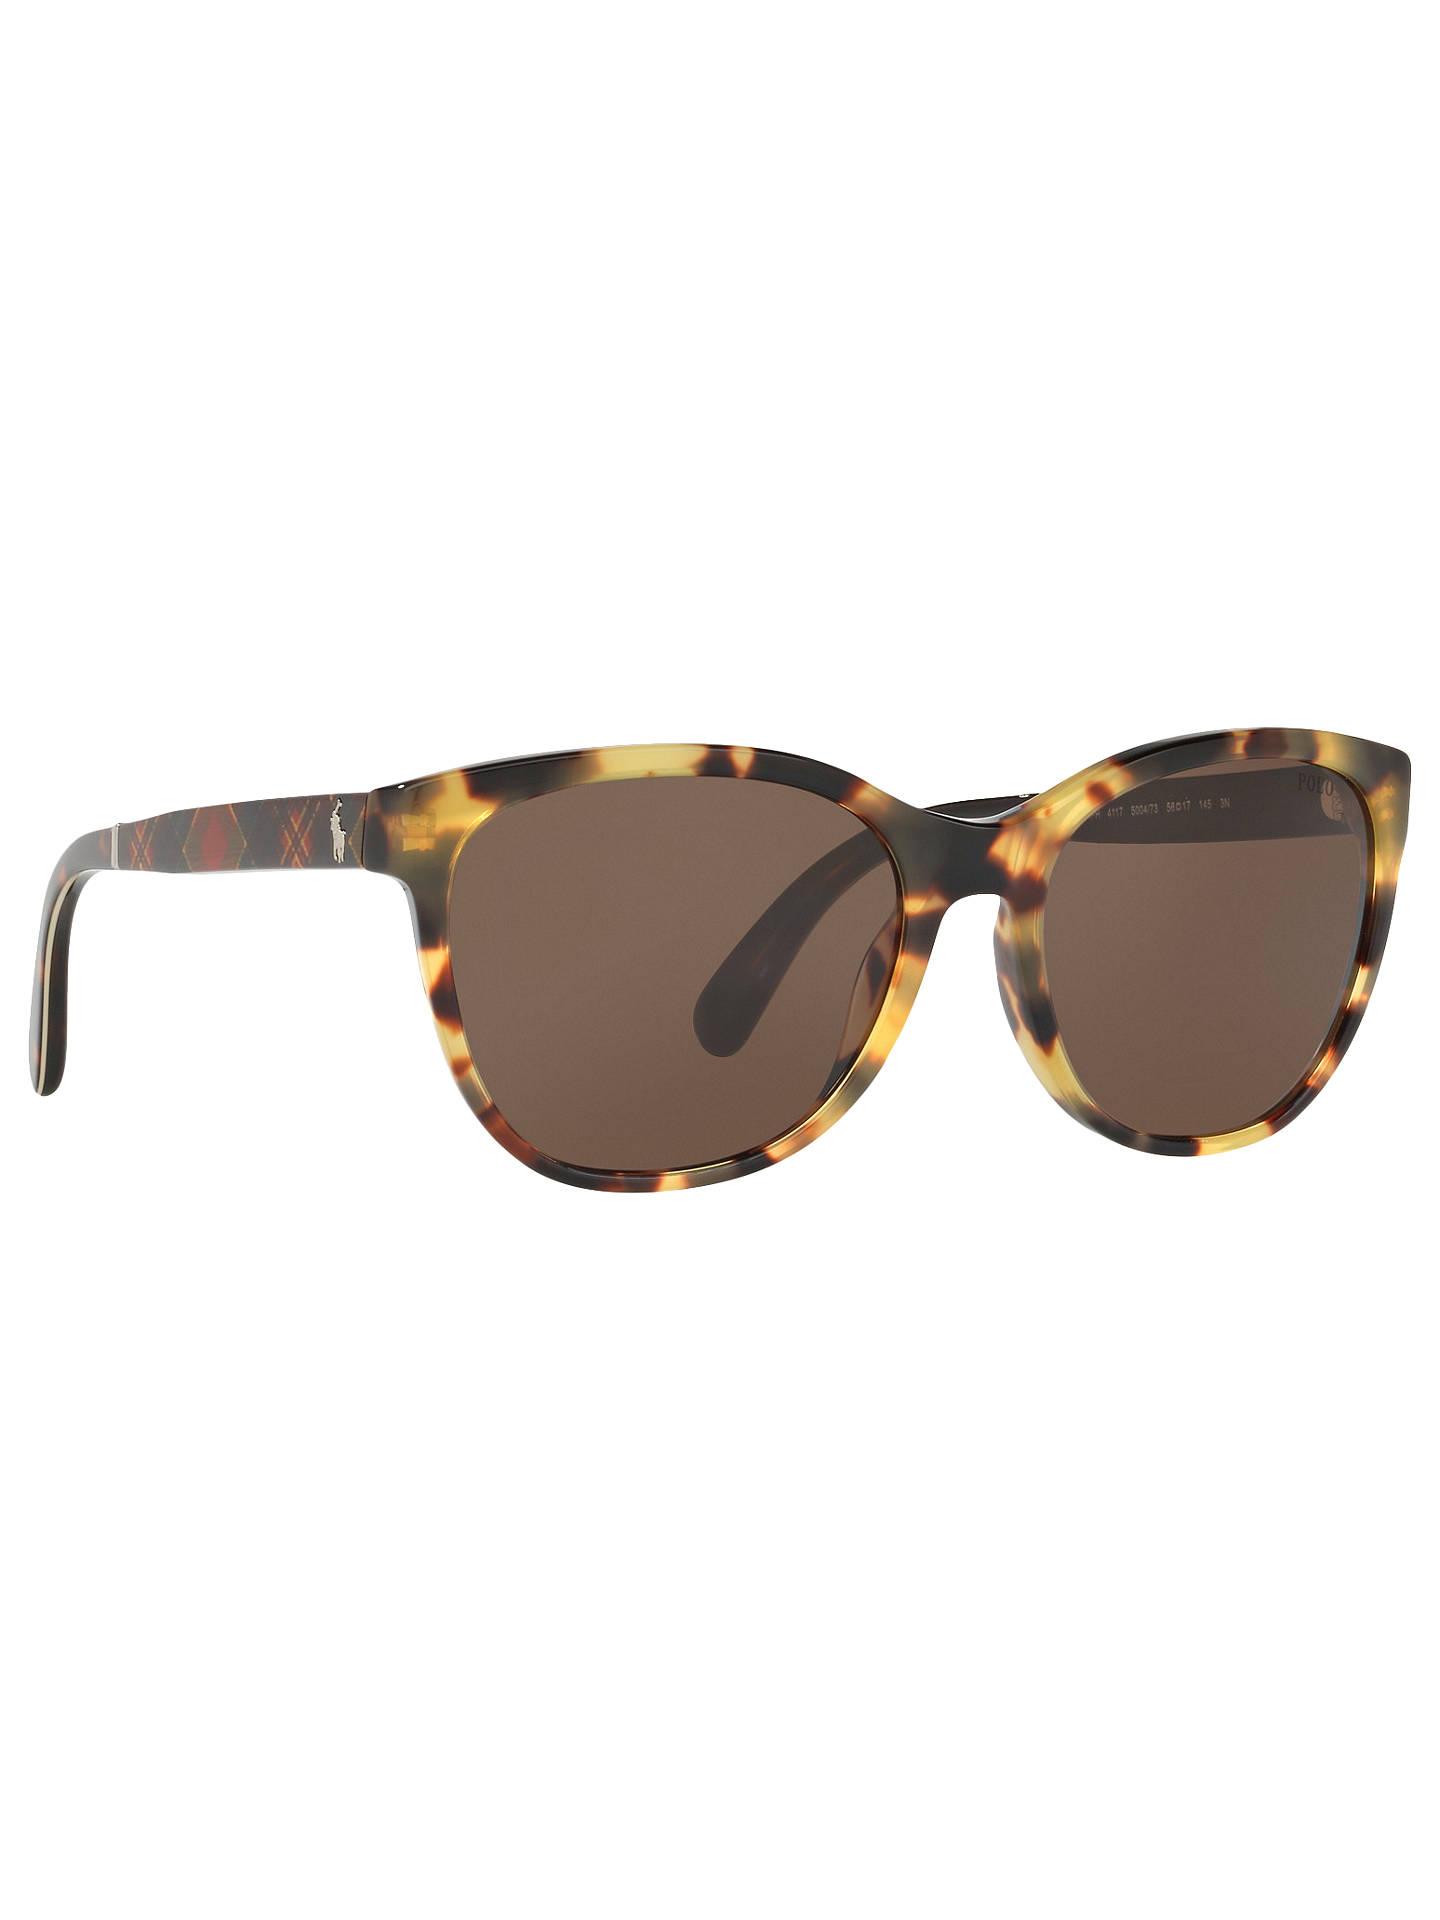 fe490881e Buy Polo Ralph Lauren PH4117 Havana Sunglasses, Tortoiseshell/Grey Online  at johnlewis.com ...